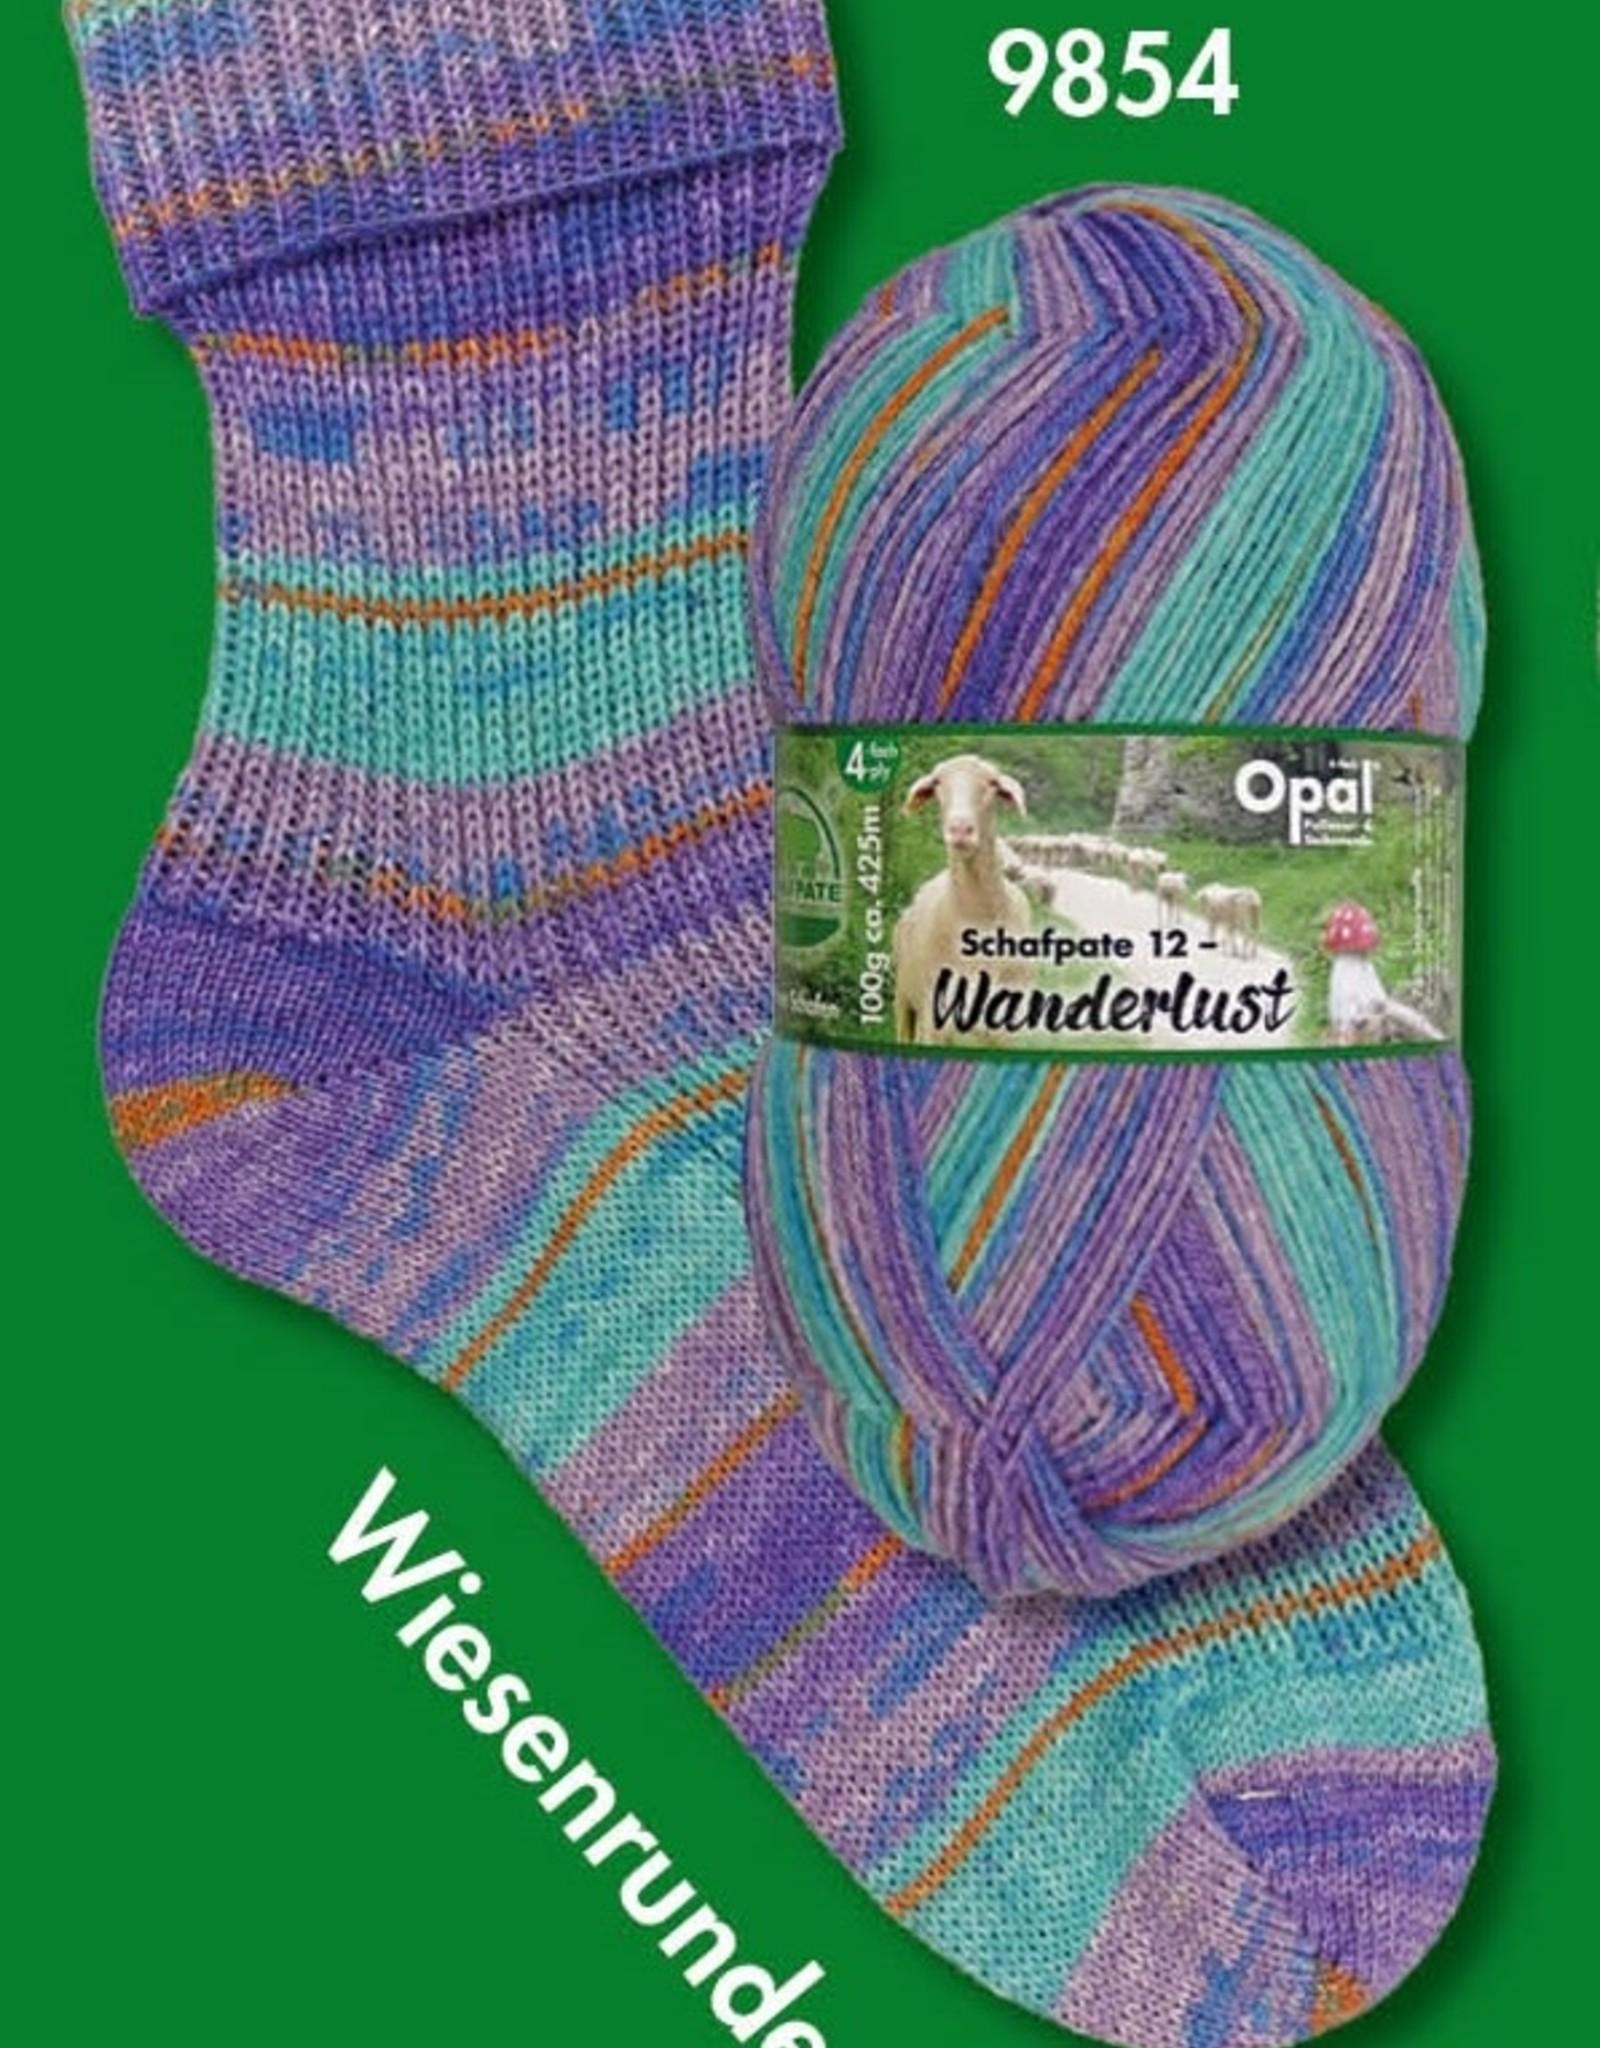 Opal - Schafpate 12 - Wanderlust 9854